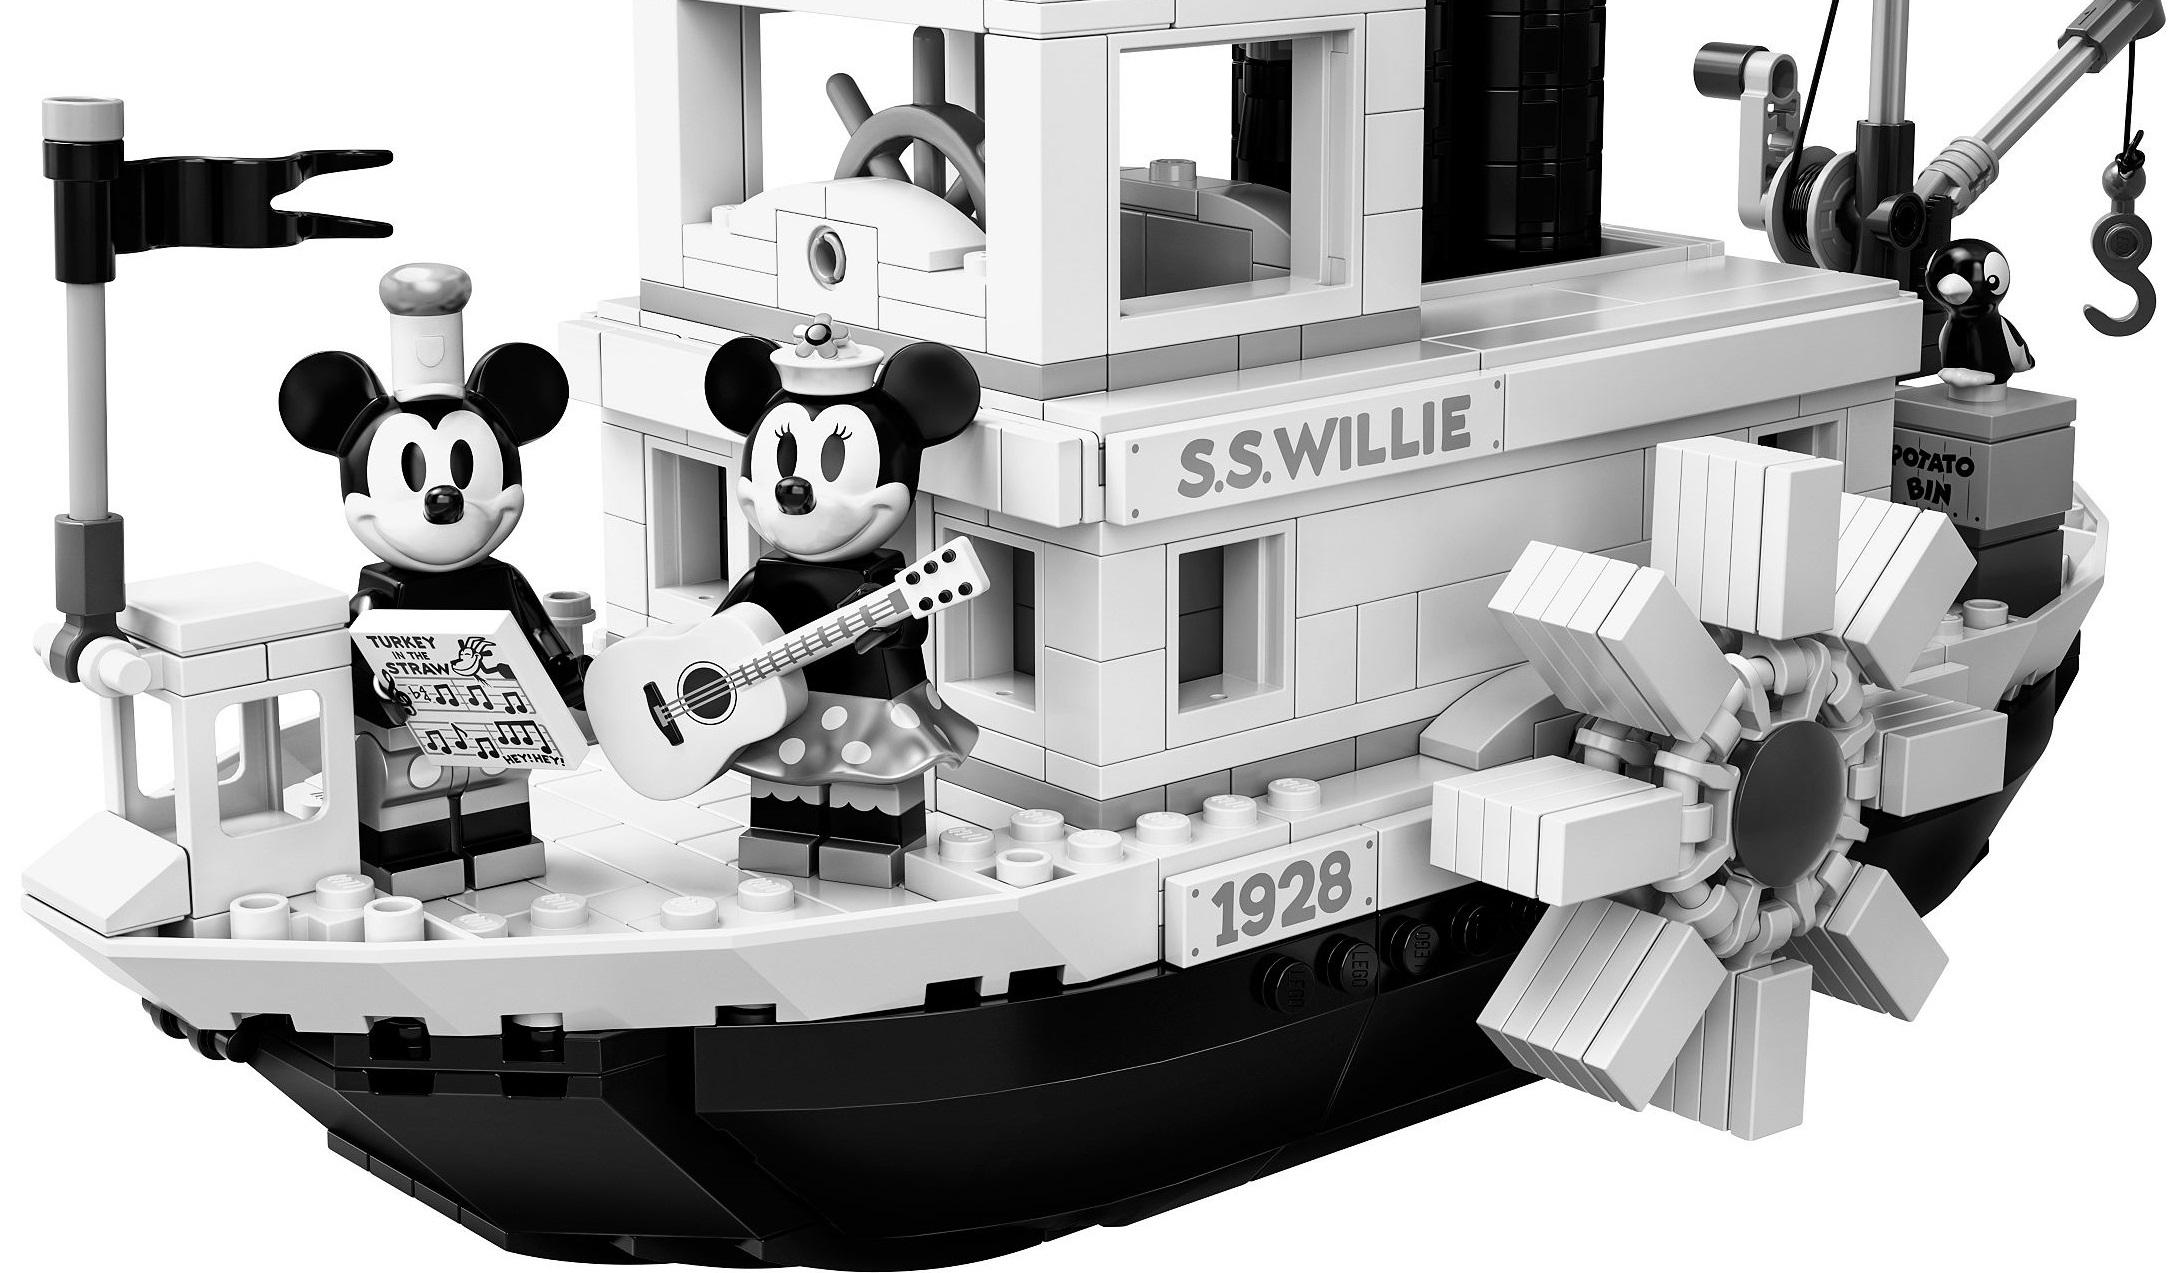 szmk_steamboat_willie_lego_ideas_mickey_mouse_minne_disney_1.jpg